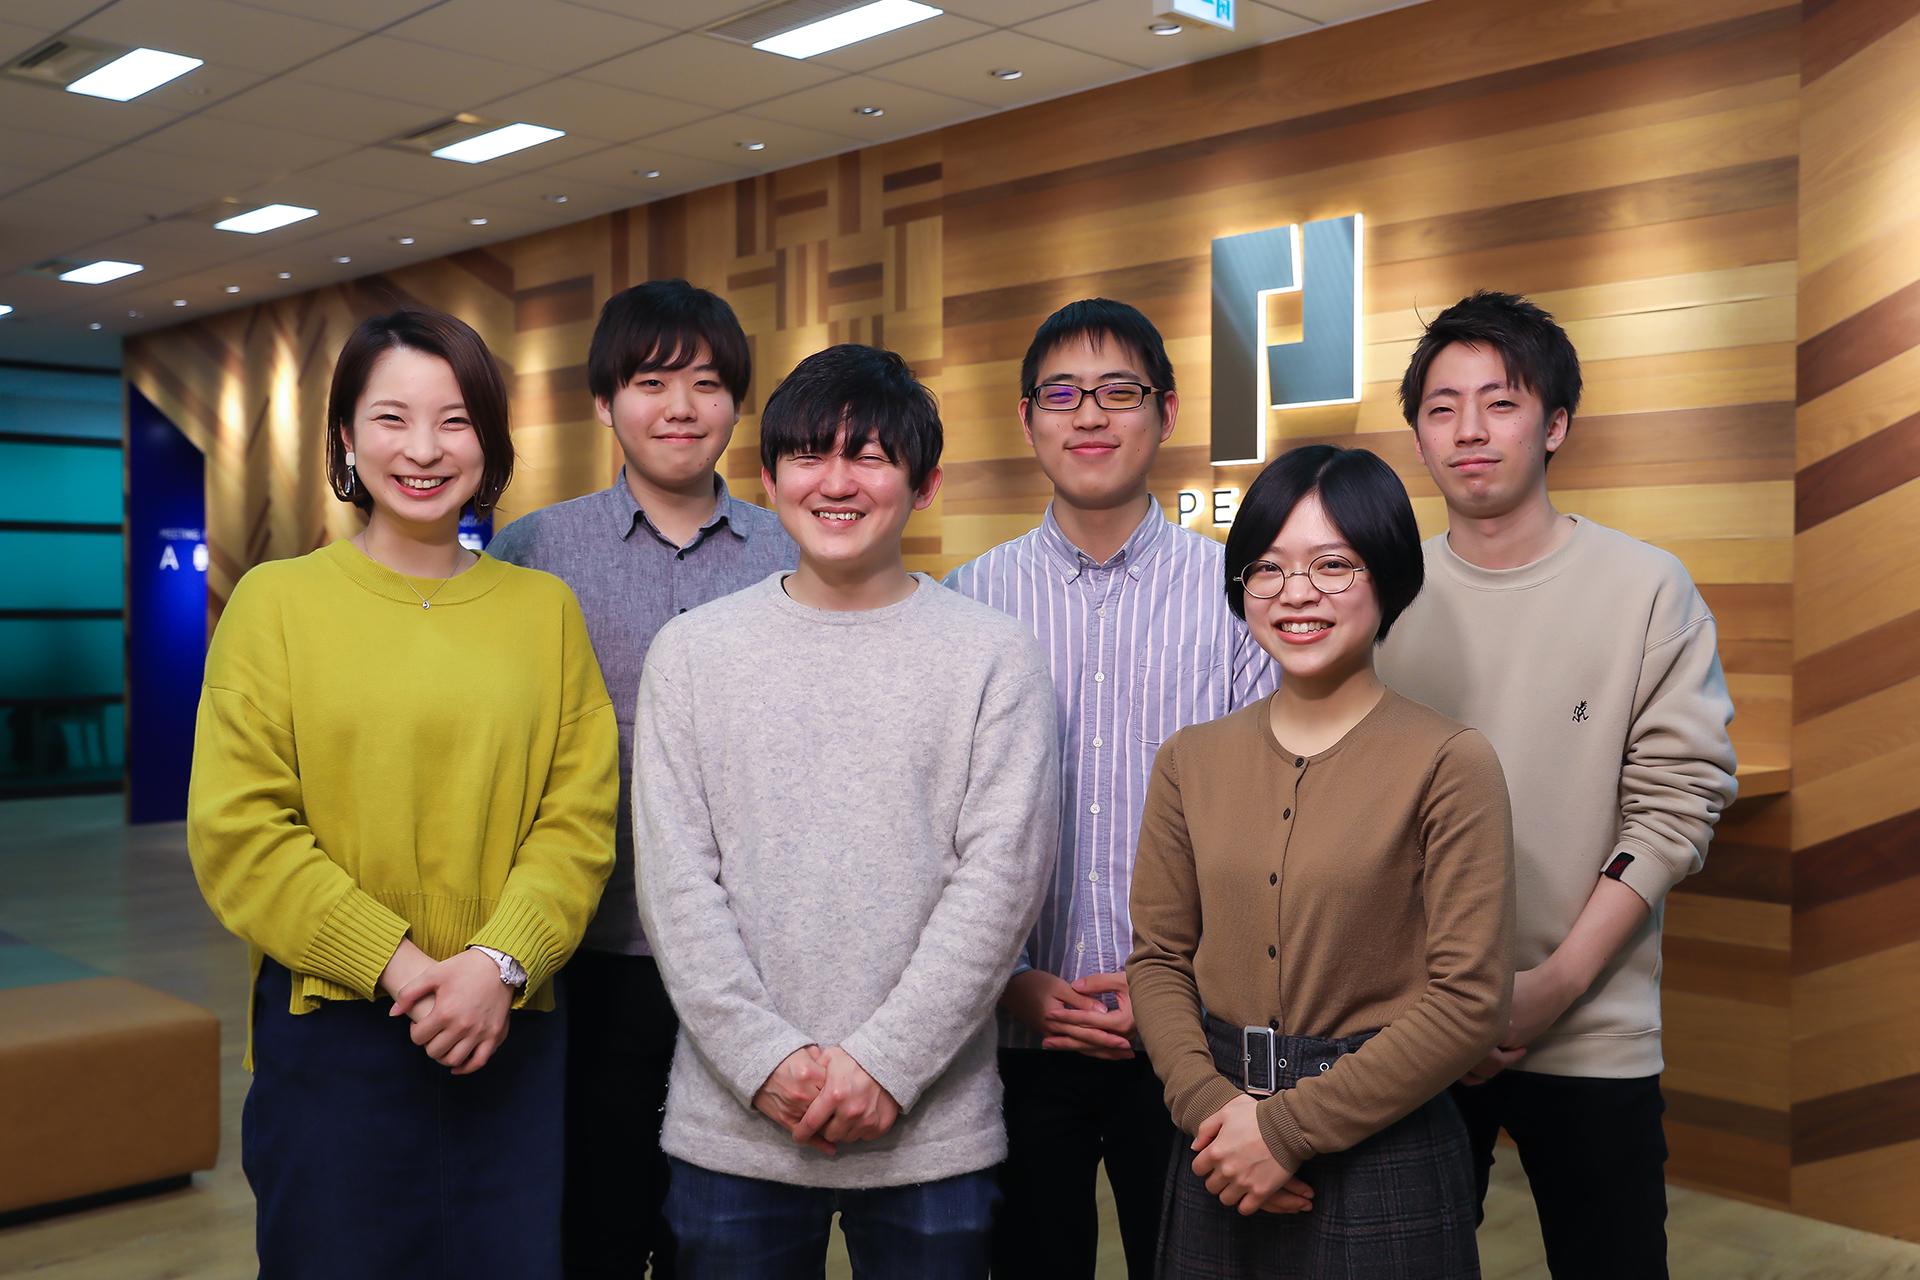 採用マーケティングサービス</br>「HITO-Link CRM」</br>開発プロジェクト